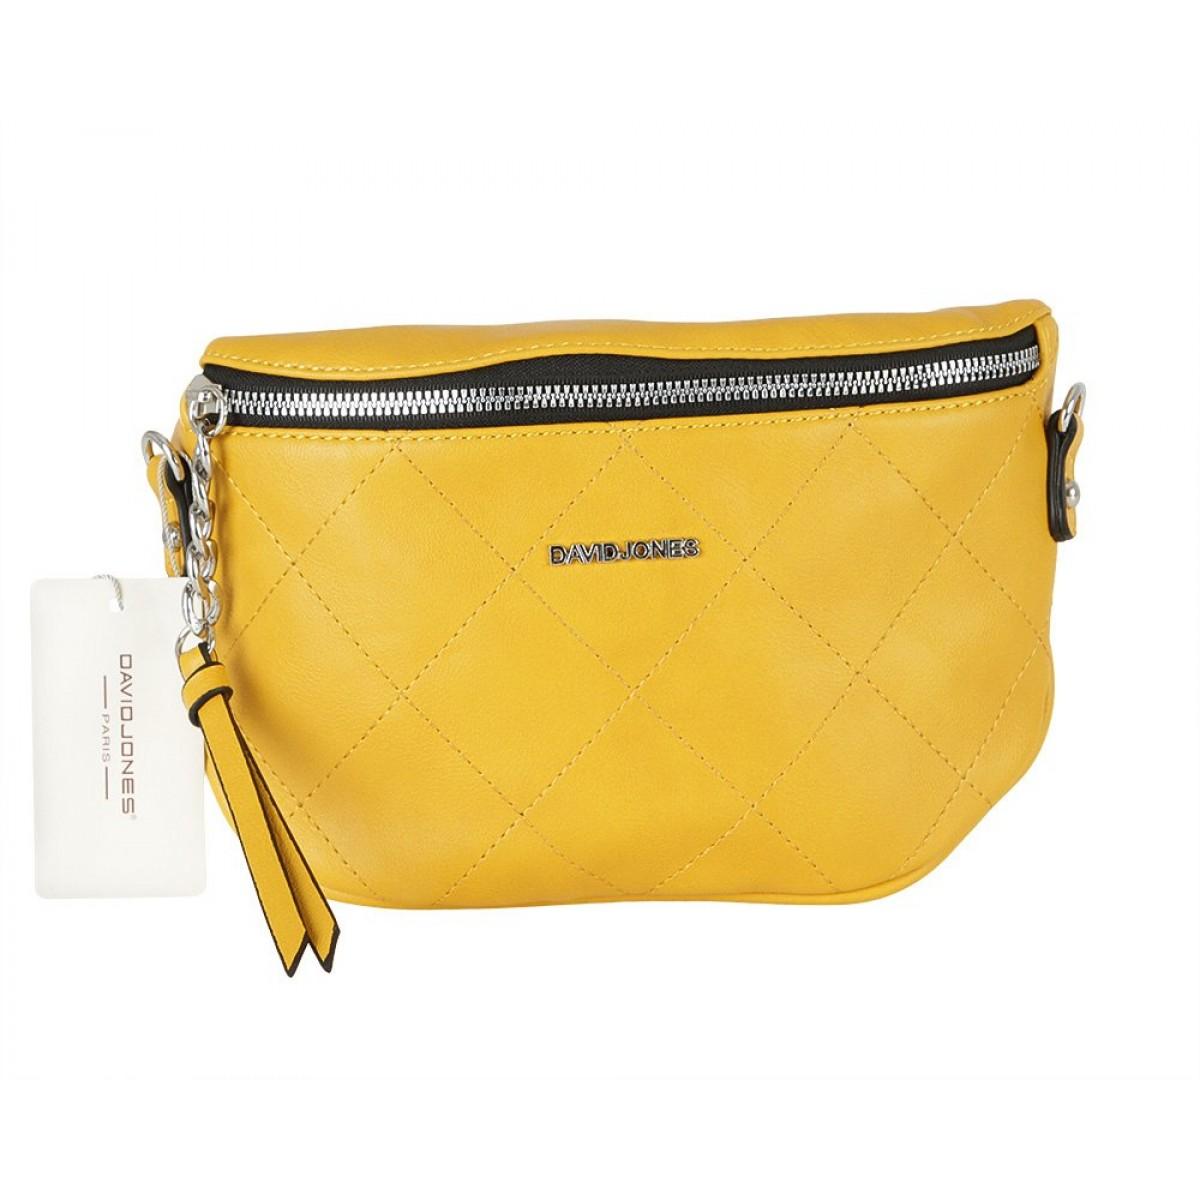 Жіноча сумка David Jones CM5771 YELLOW